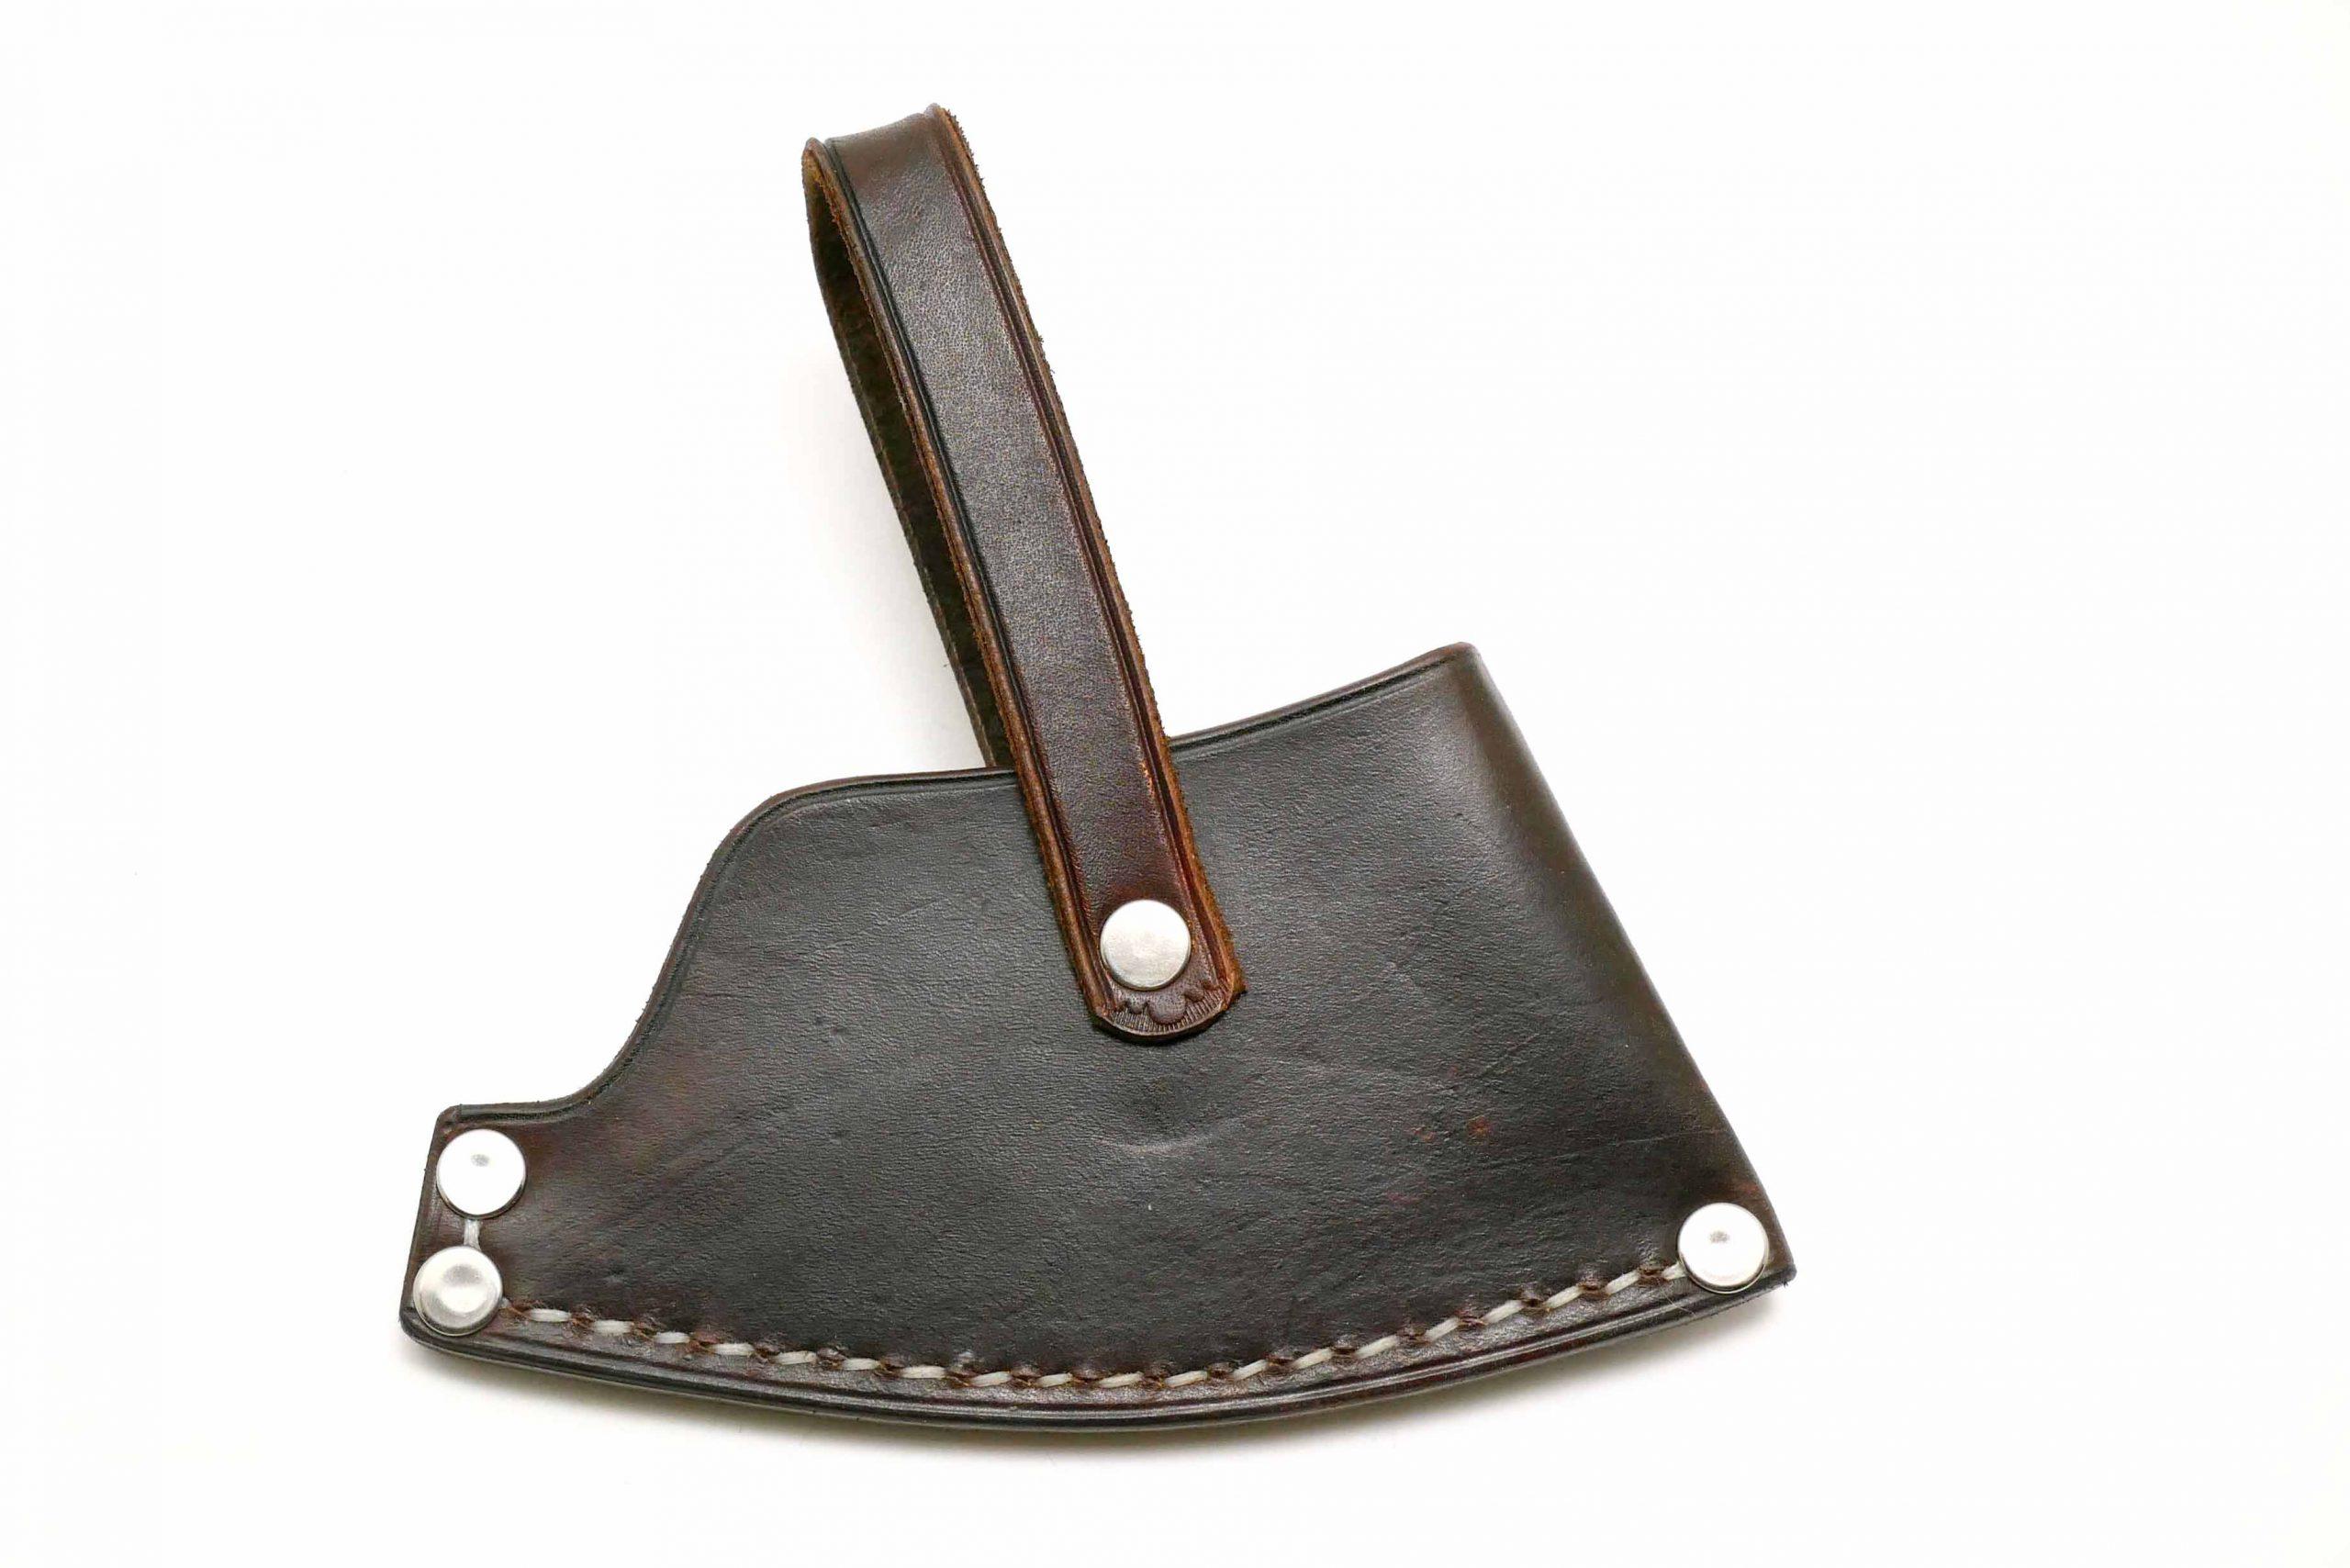 Gransfors Bruks Large Carving Axe #475 Custom Leather Sheath / Cover